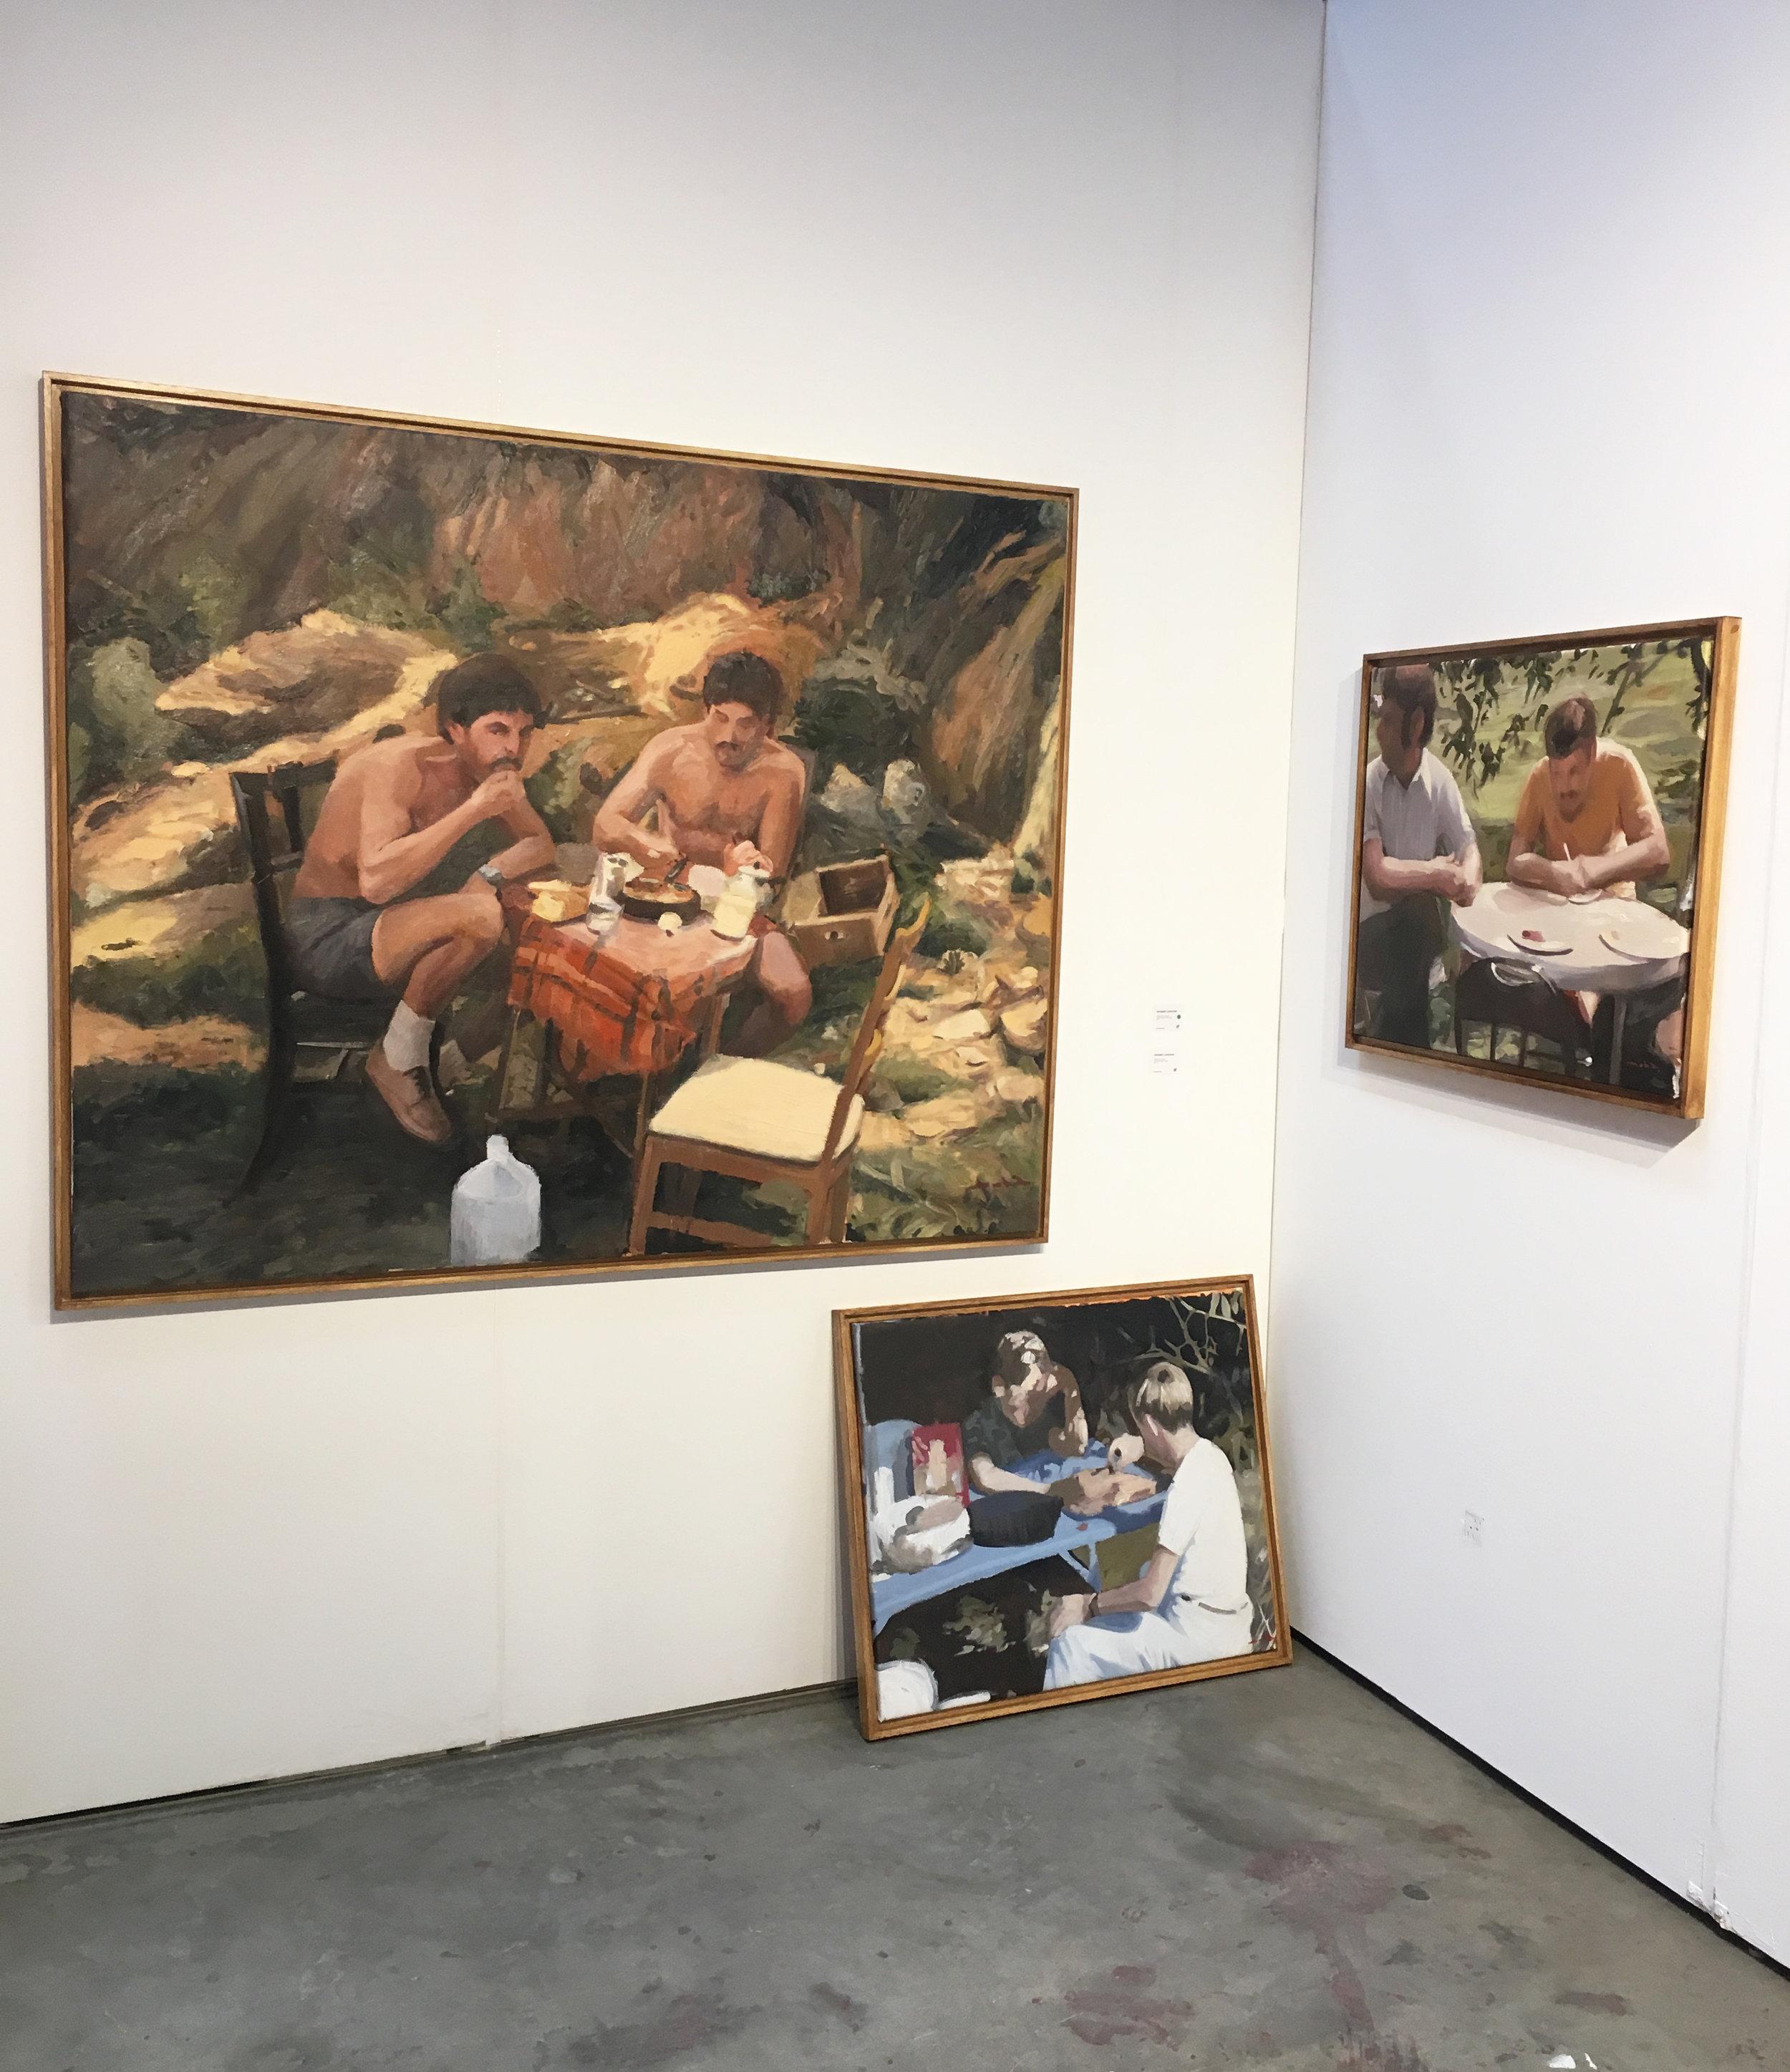 PDP Gallery, Moniker Art Fair 2018